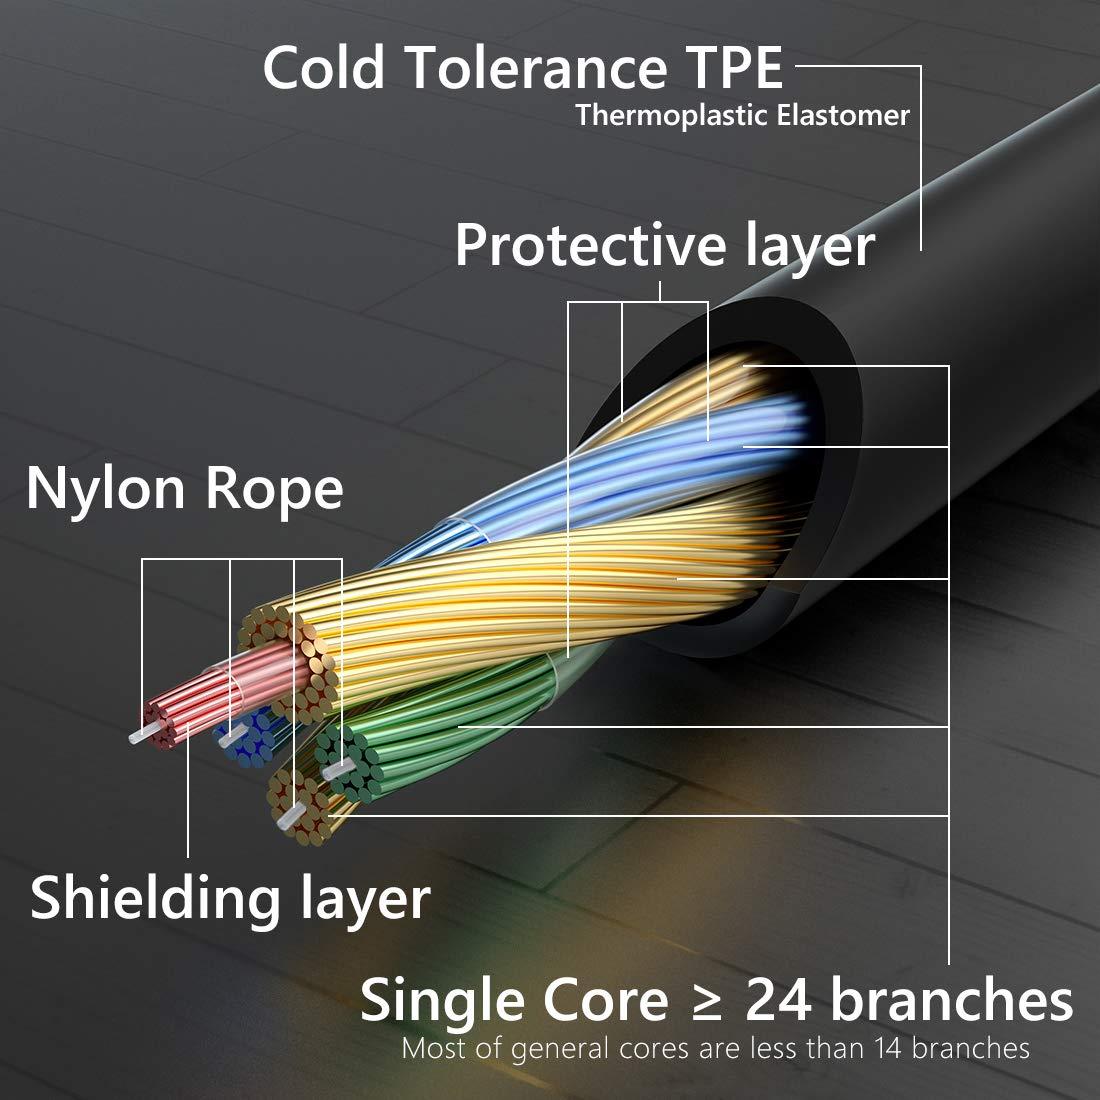 Koss ProDj200 Crossfade 2 1.5m LP cable de audio de repuesto con micr/ófono y control de volumen M-80 M-100 Geekria QuickFit Cable est/éreo de 3,5 mm para auriculares V-Moda Crossfade LP LP2